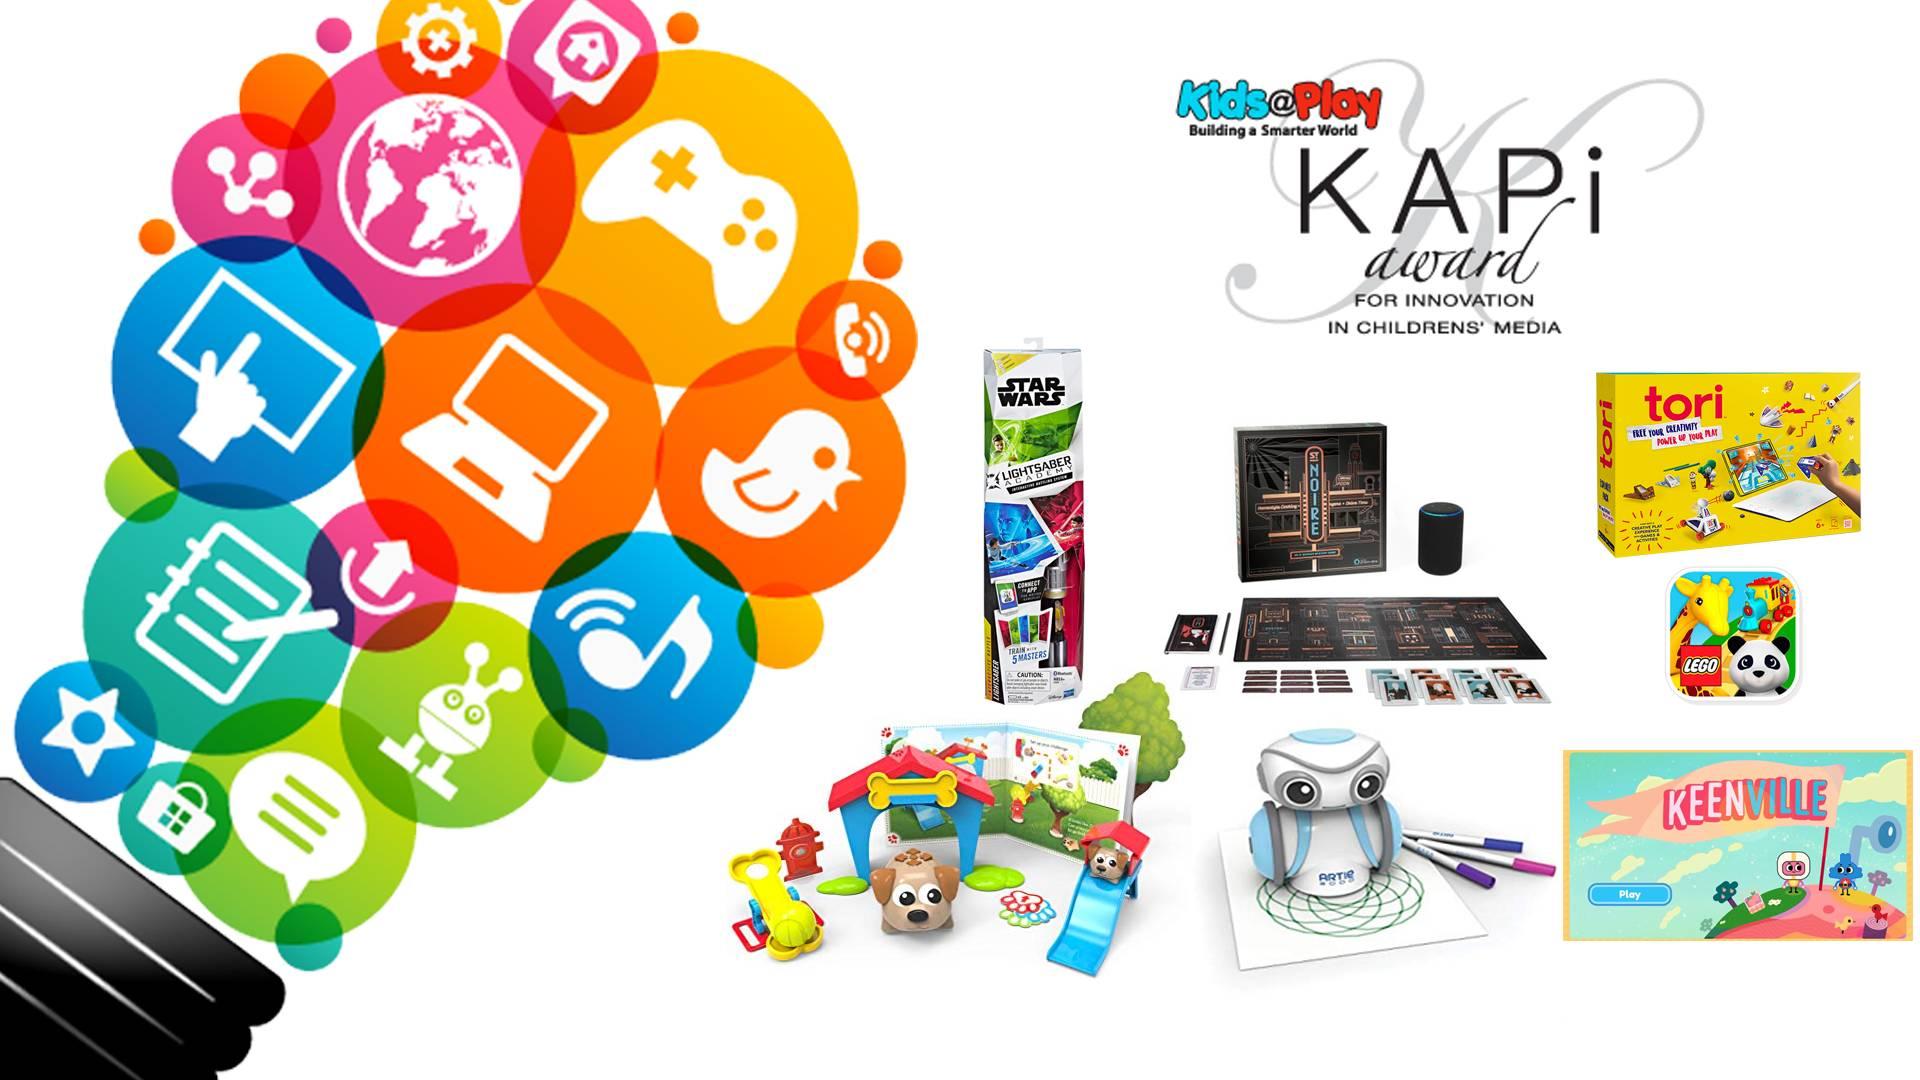 Kids at Play Interactive Awards